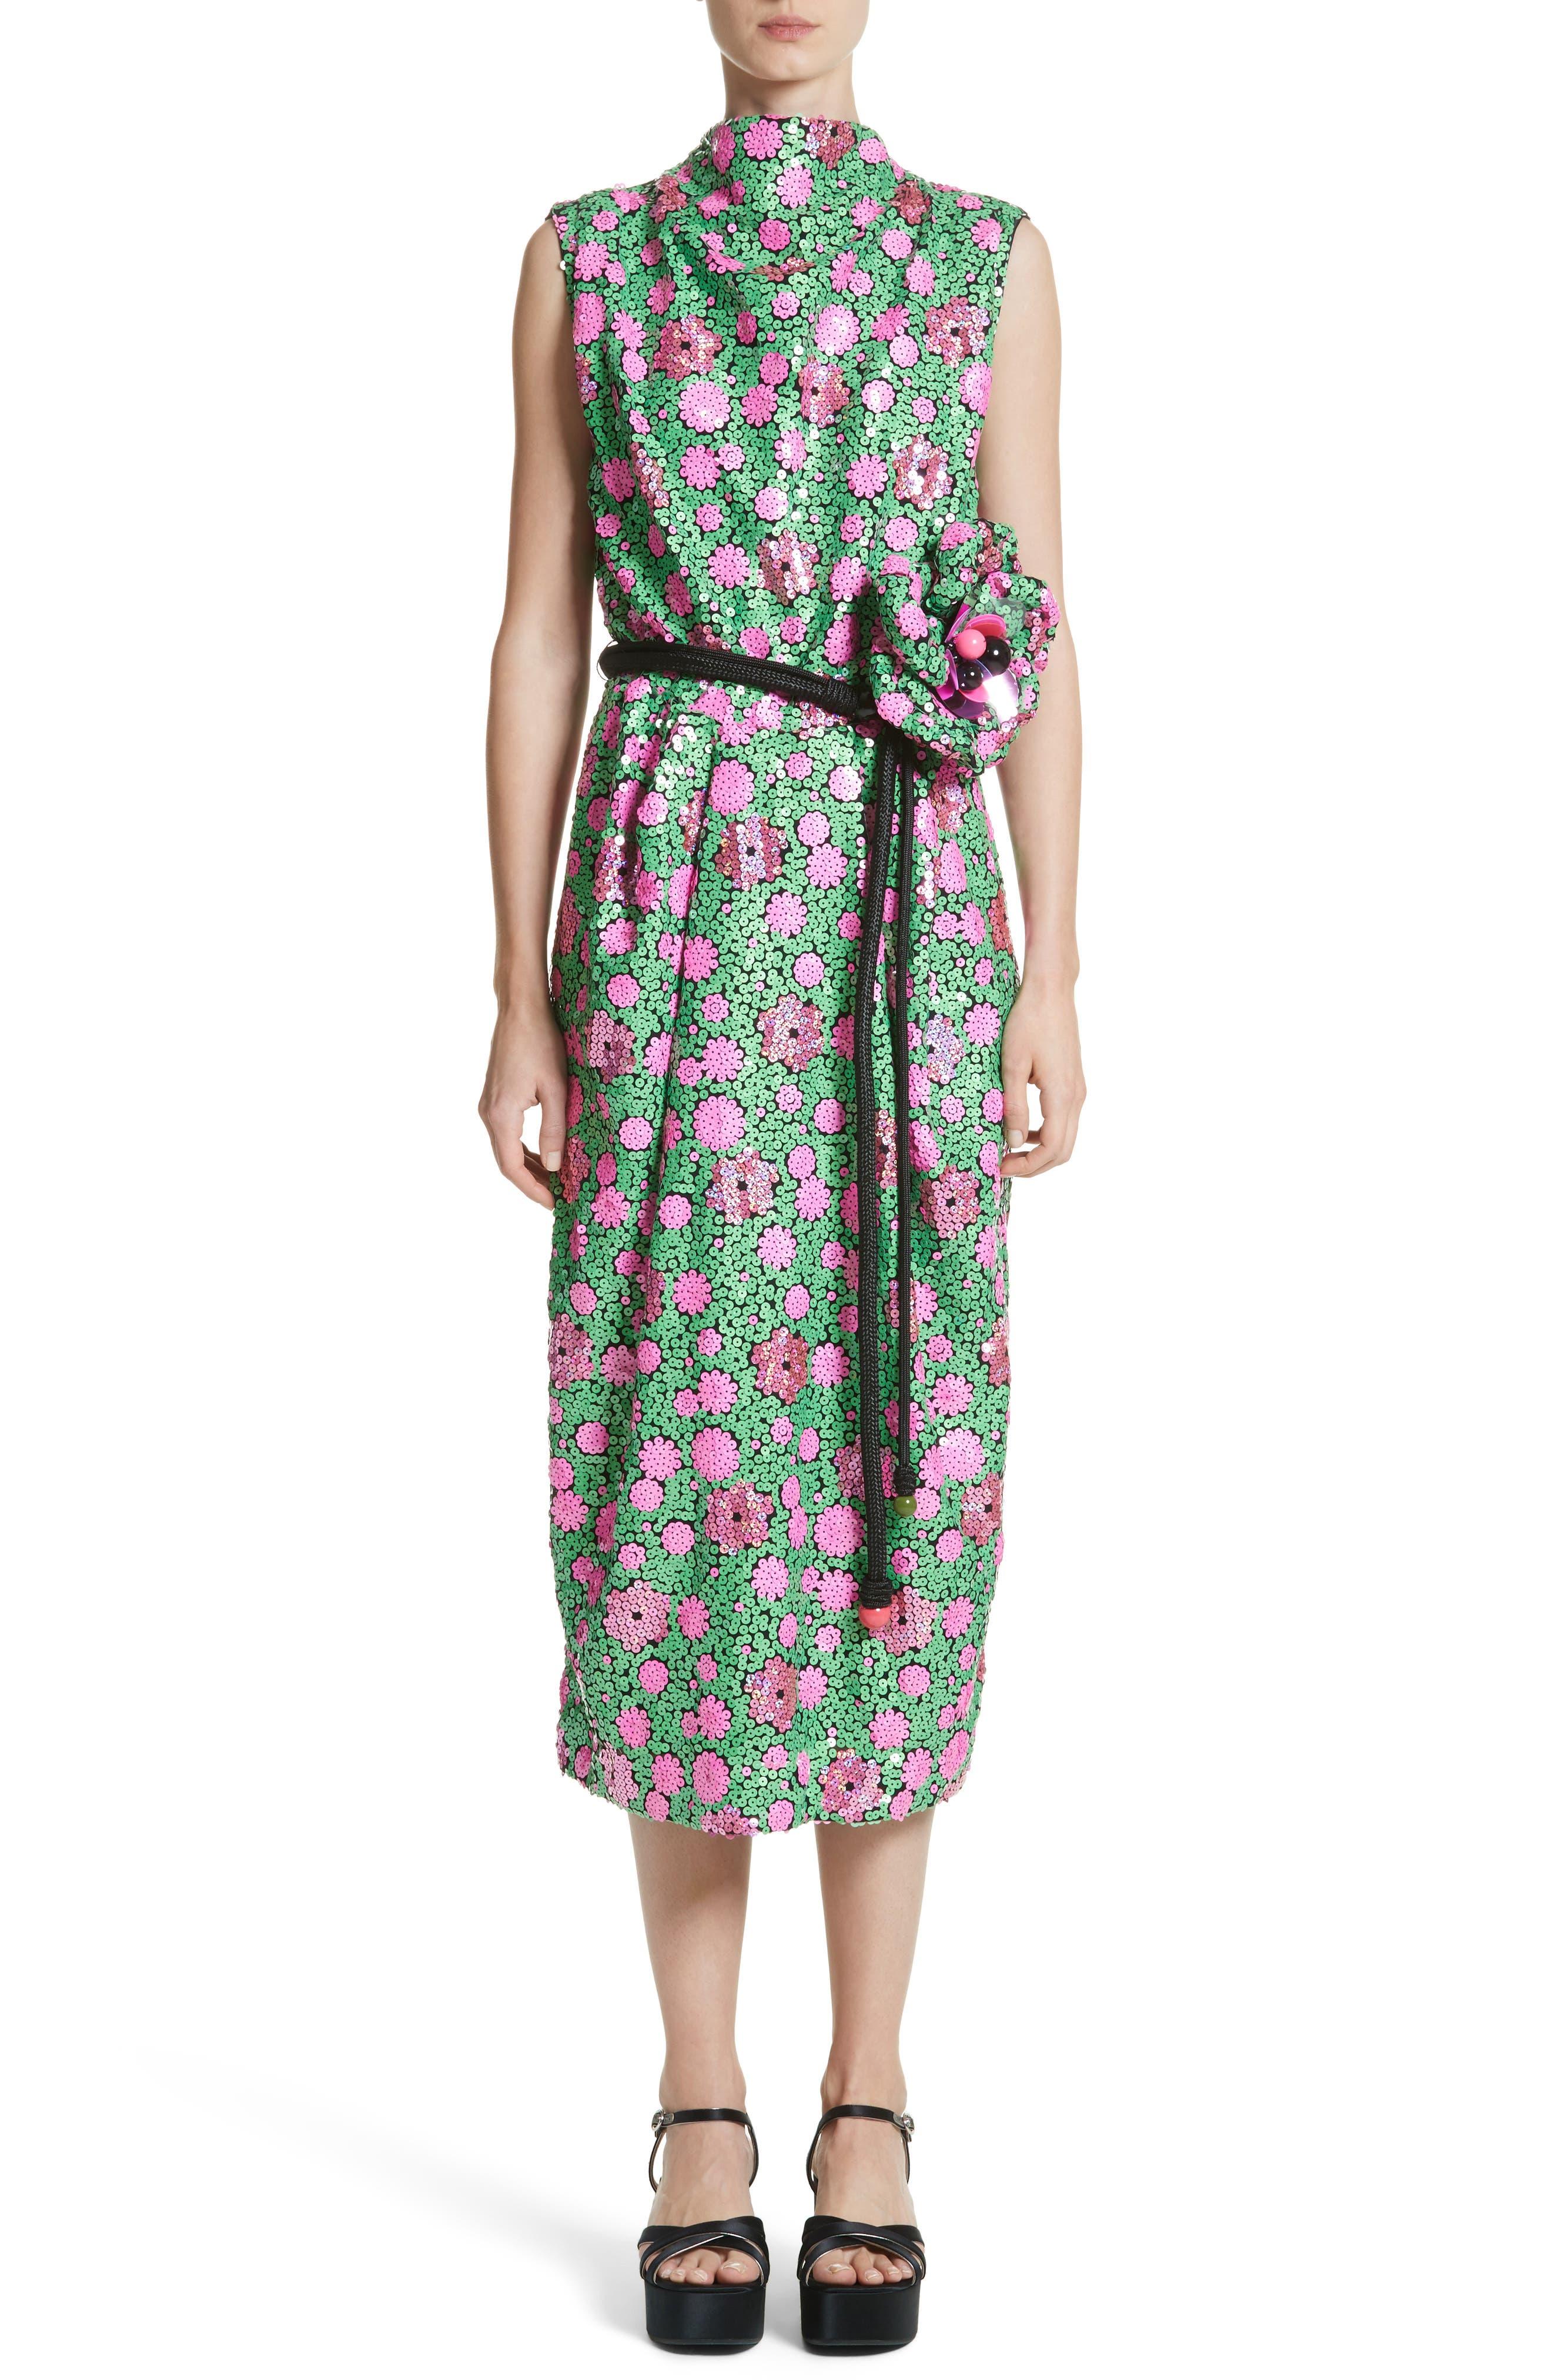 MARC JACOBS Floral Sequin Midi dress